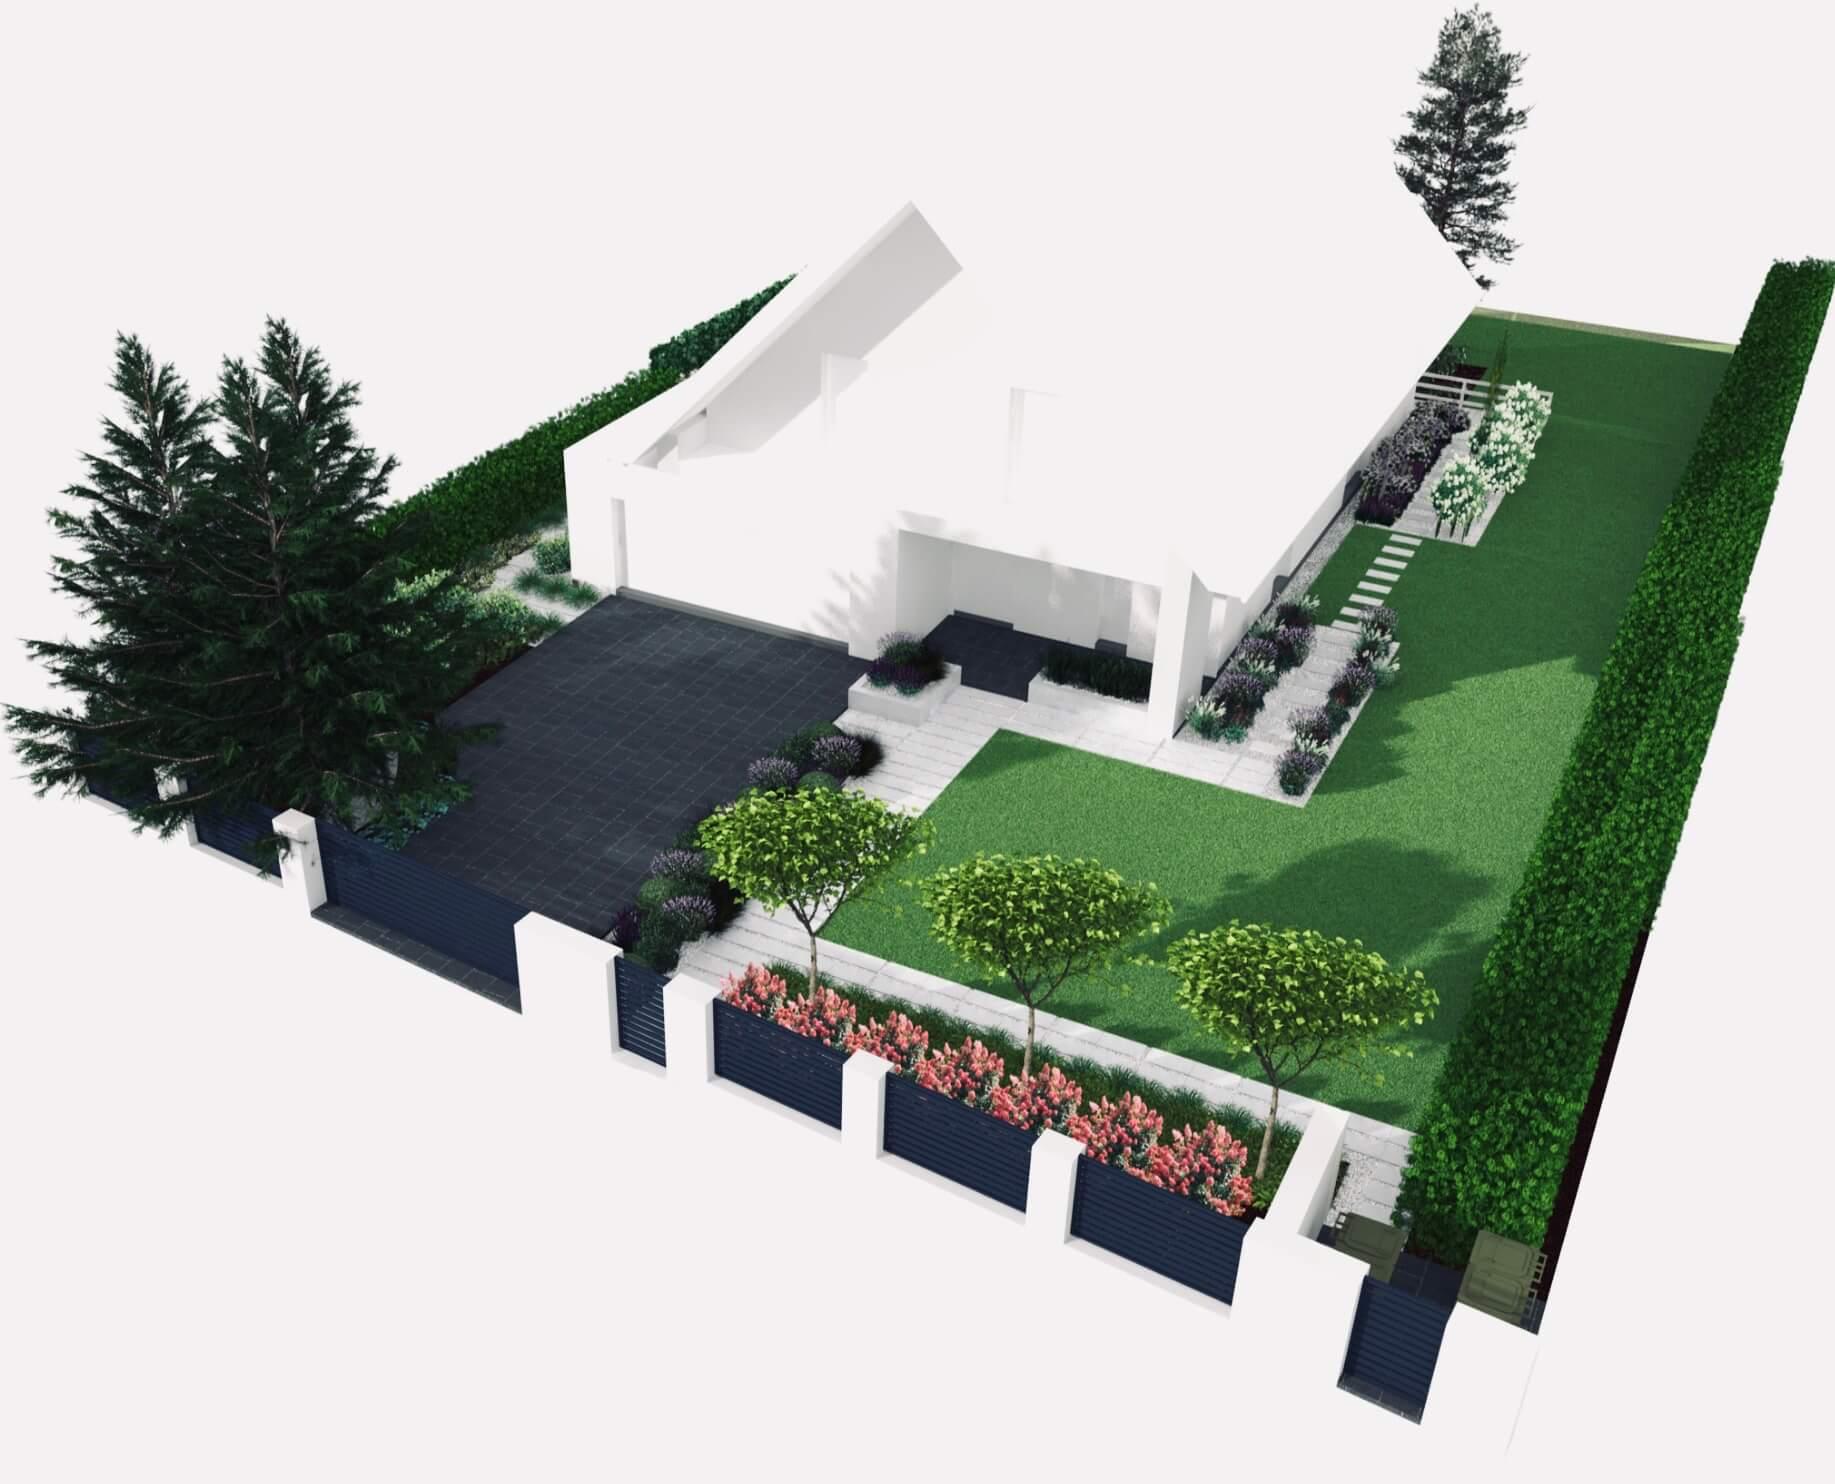 Projekt ogrodu część frontowa widok z góry